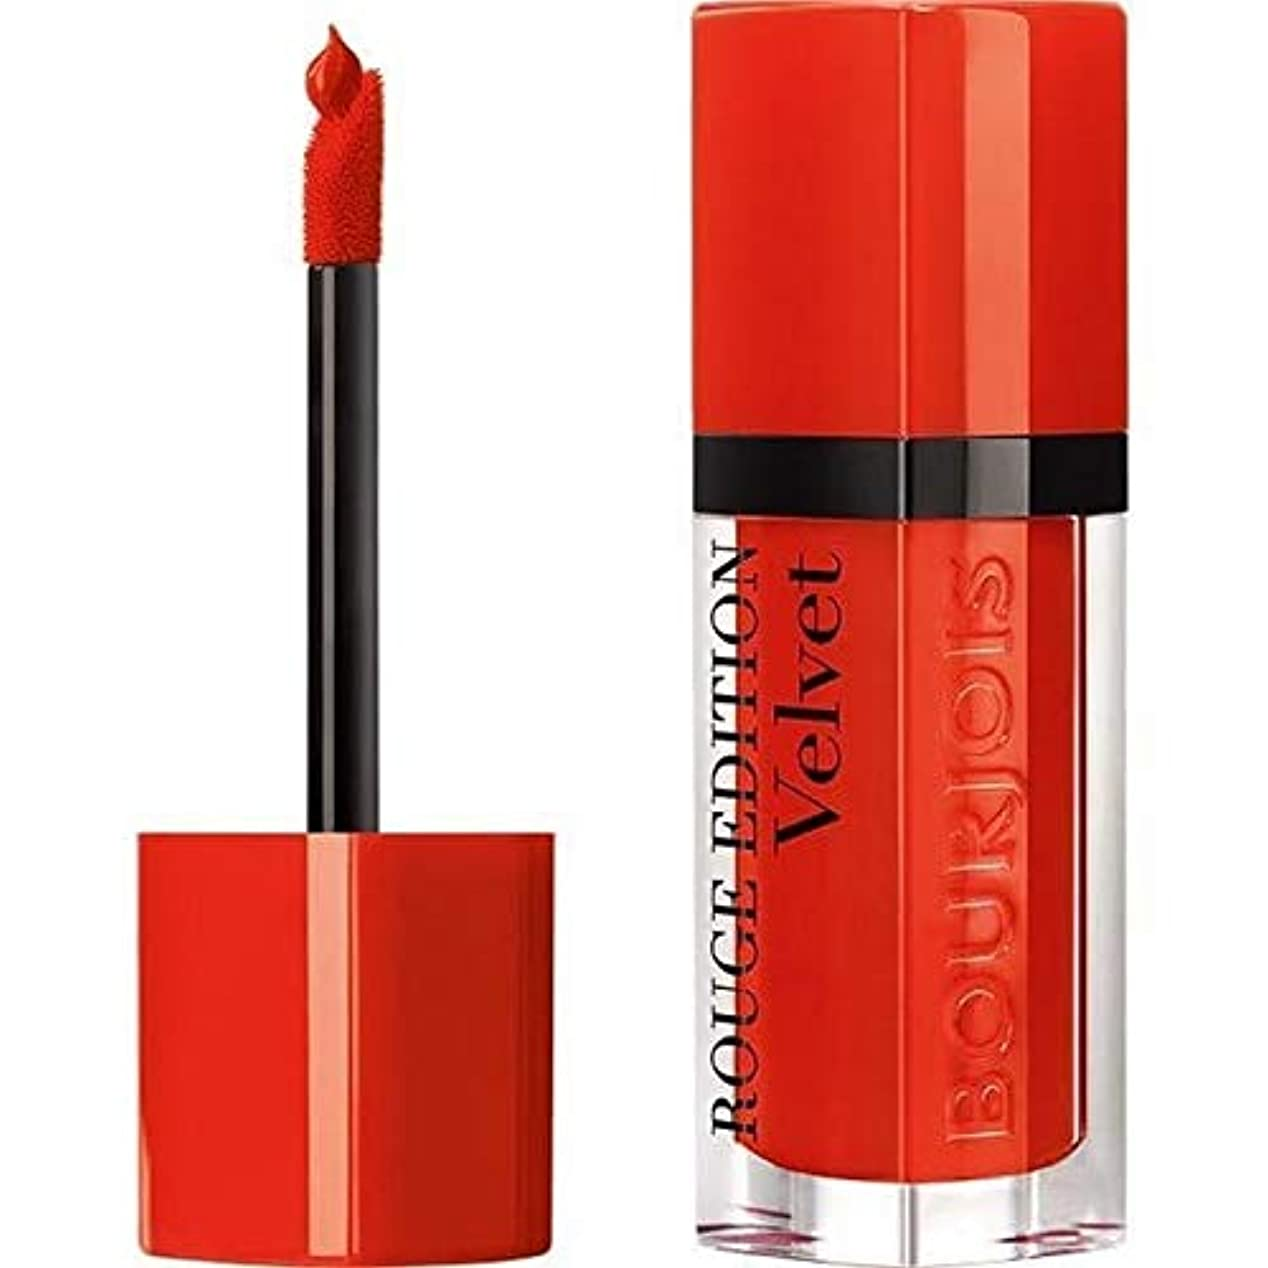 敵に応じて追い出す[Bourjois ] ブルジョワルージュ版のベルベットの口紅ケシの日20 - Bourjois Rouge Edition Velvet Lipstick Poppy Days 20 [並行輸入品]